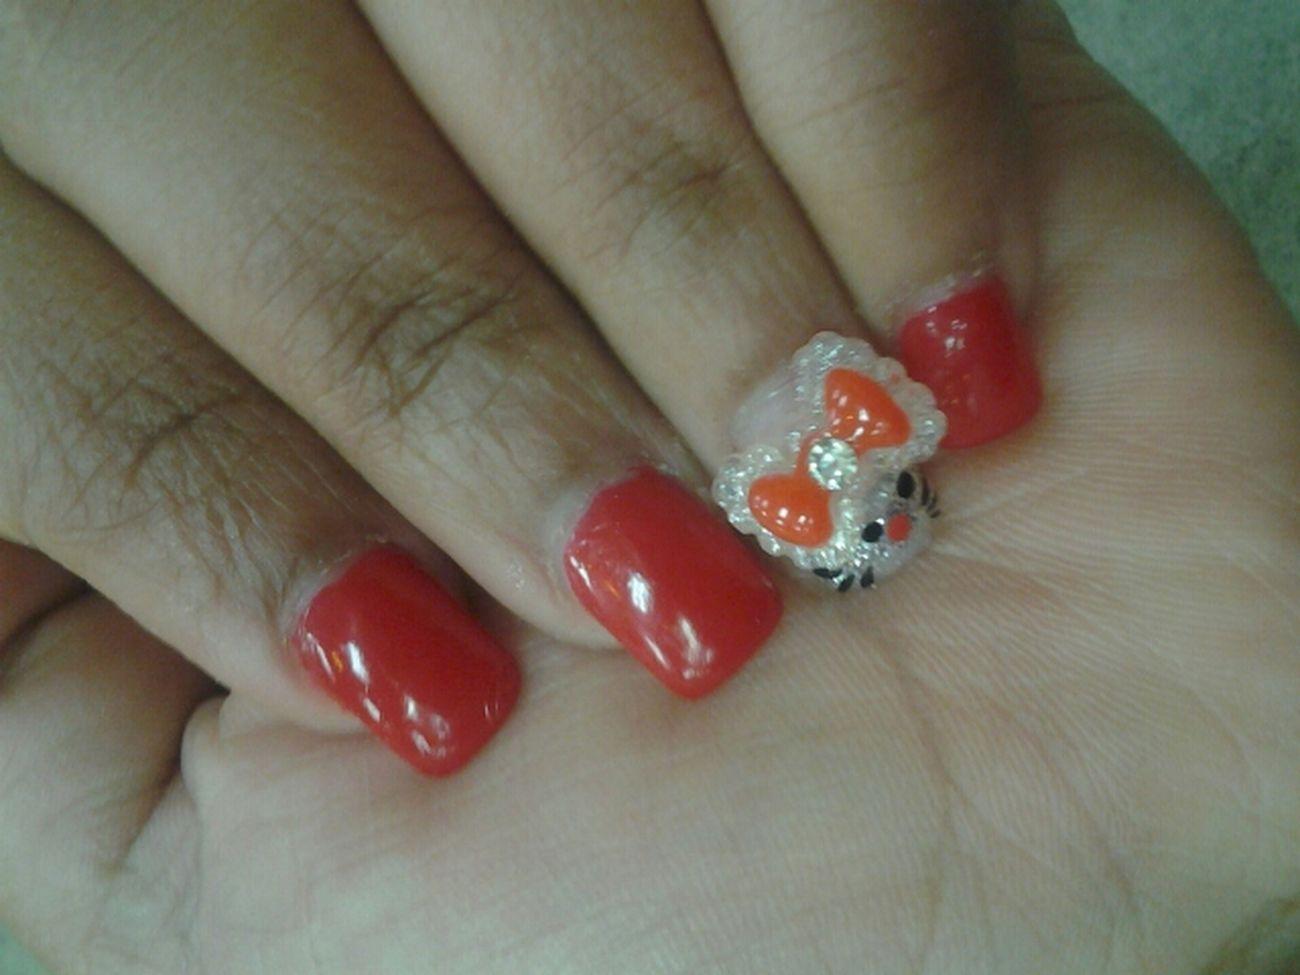 #Nailss Doee >>>>>>